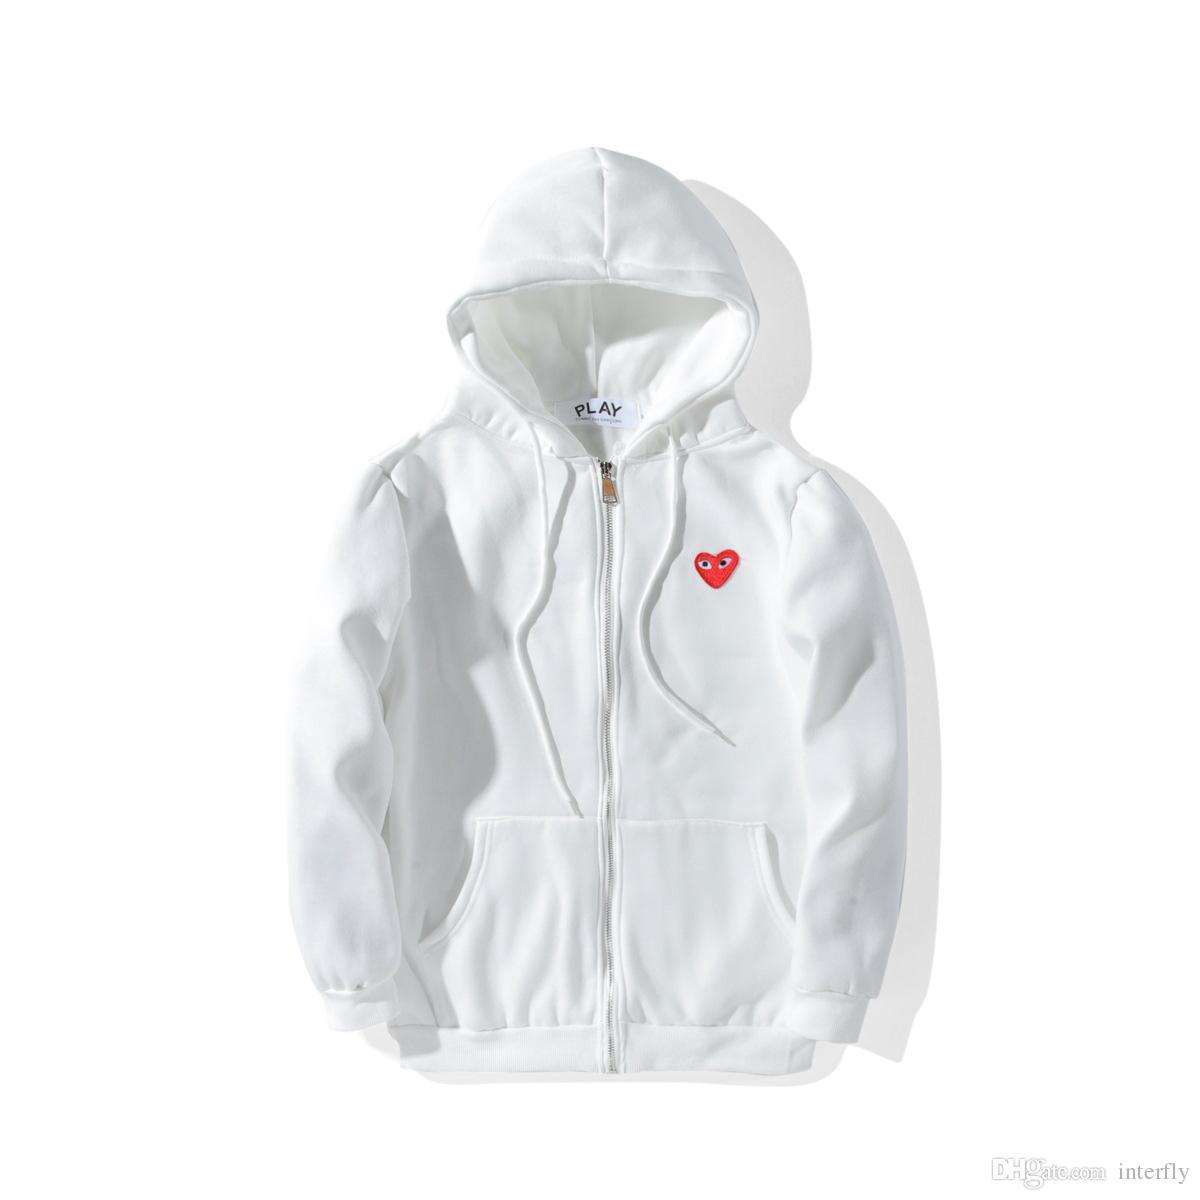 2018 İlkbahar Sonbahar Marka Giyim Oyna Kazak Artı Boyutu Gevşek Kırmızı Kalp Nakış Karakter Kapüşonlu Hoodie Erkek Kadın Kazak Hoodie